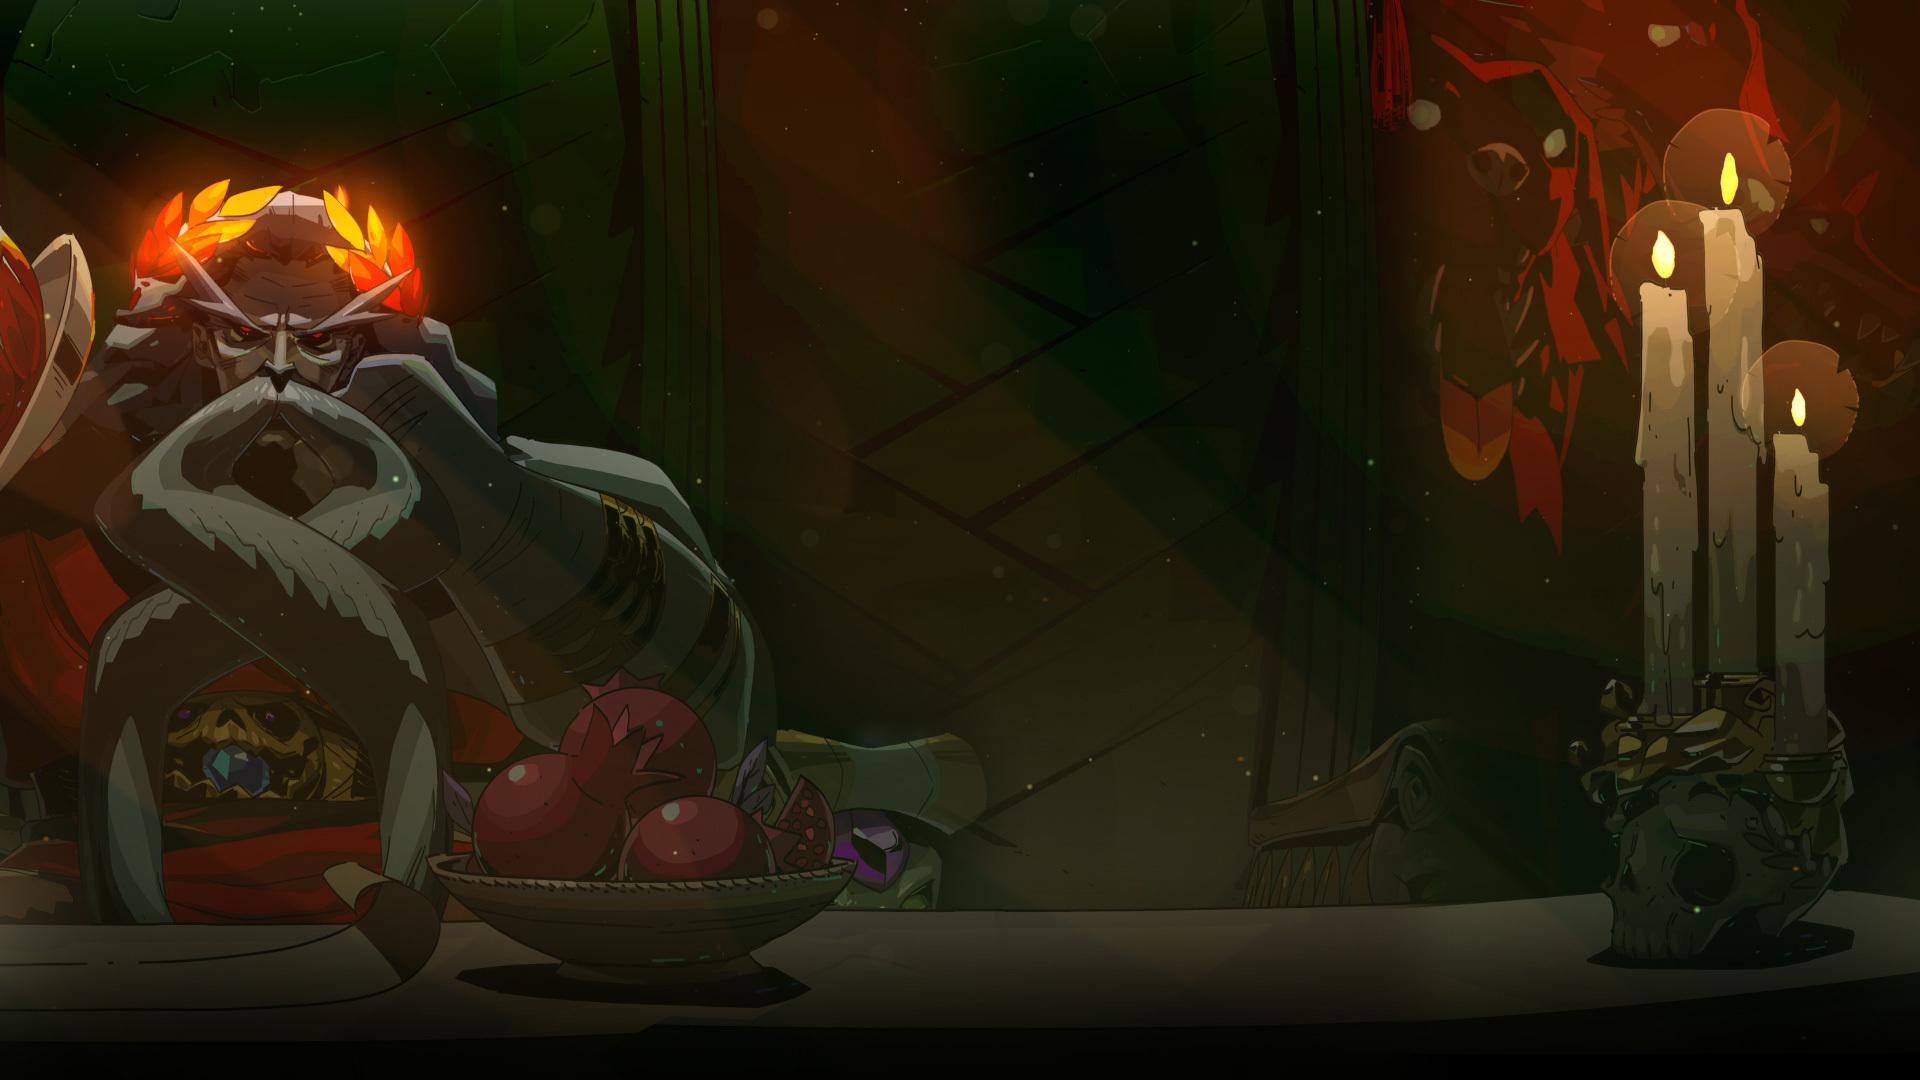 Hades Animated Background